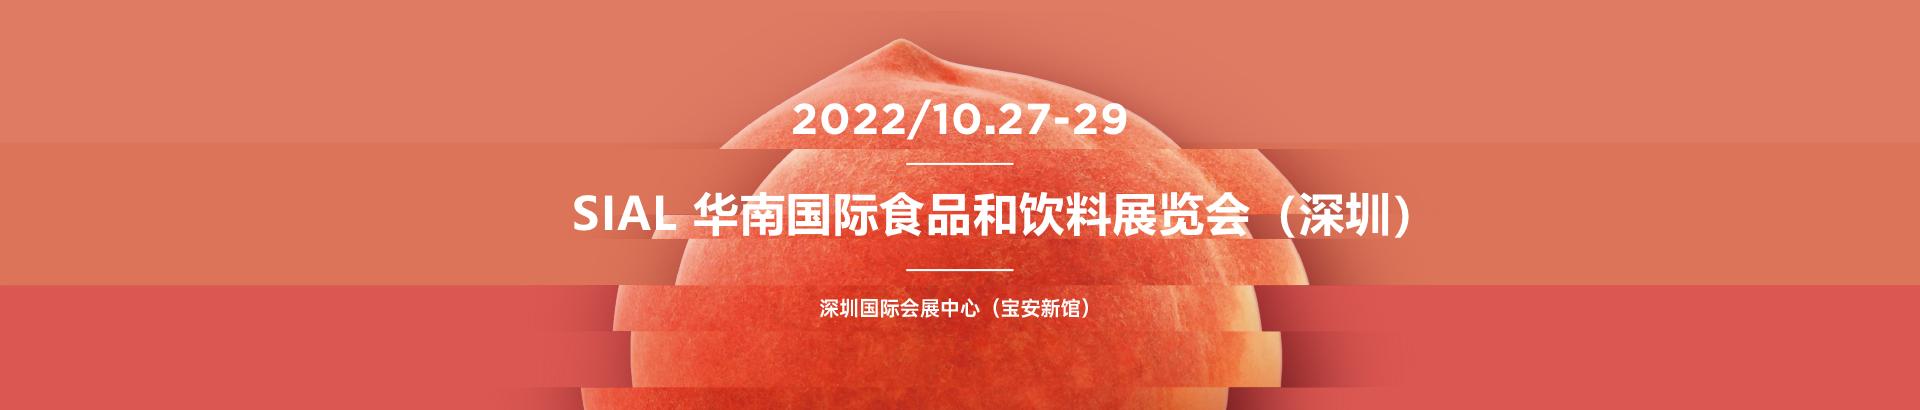 主题banner-更新